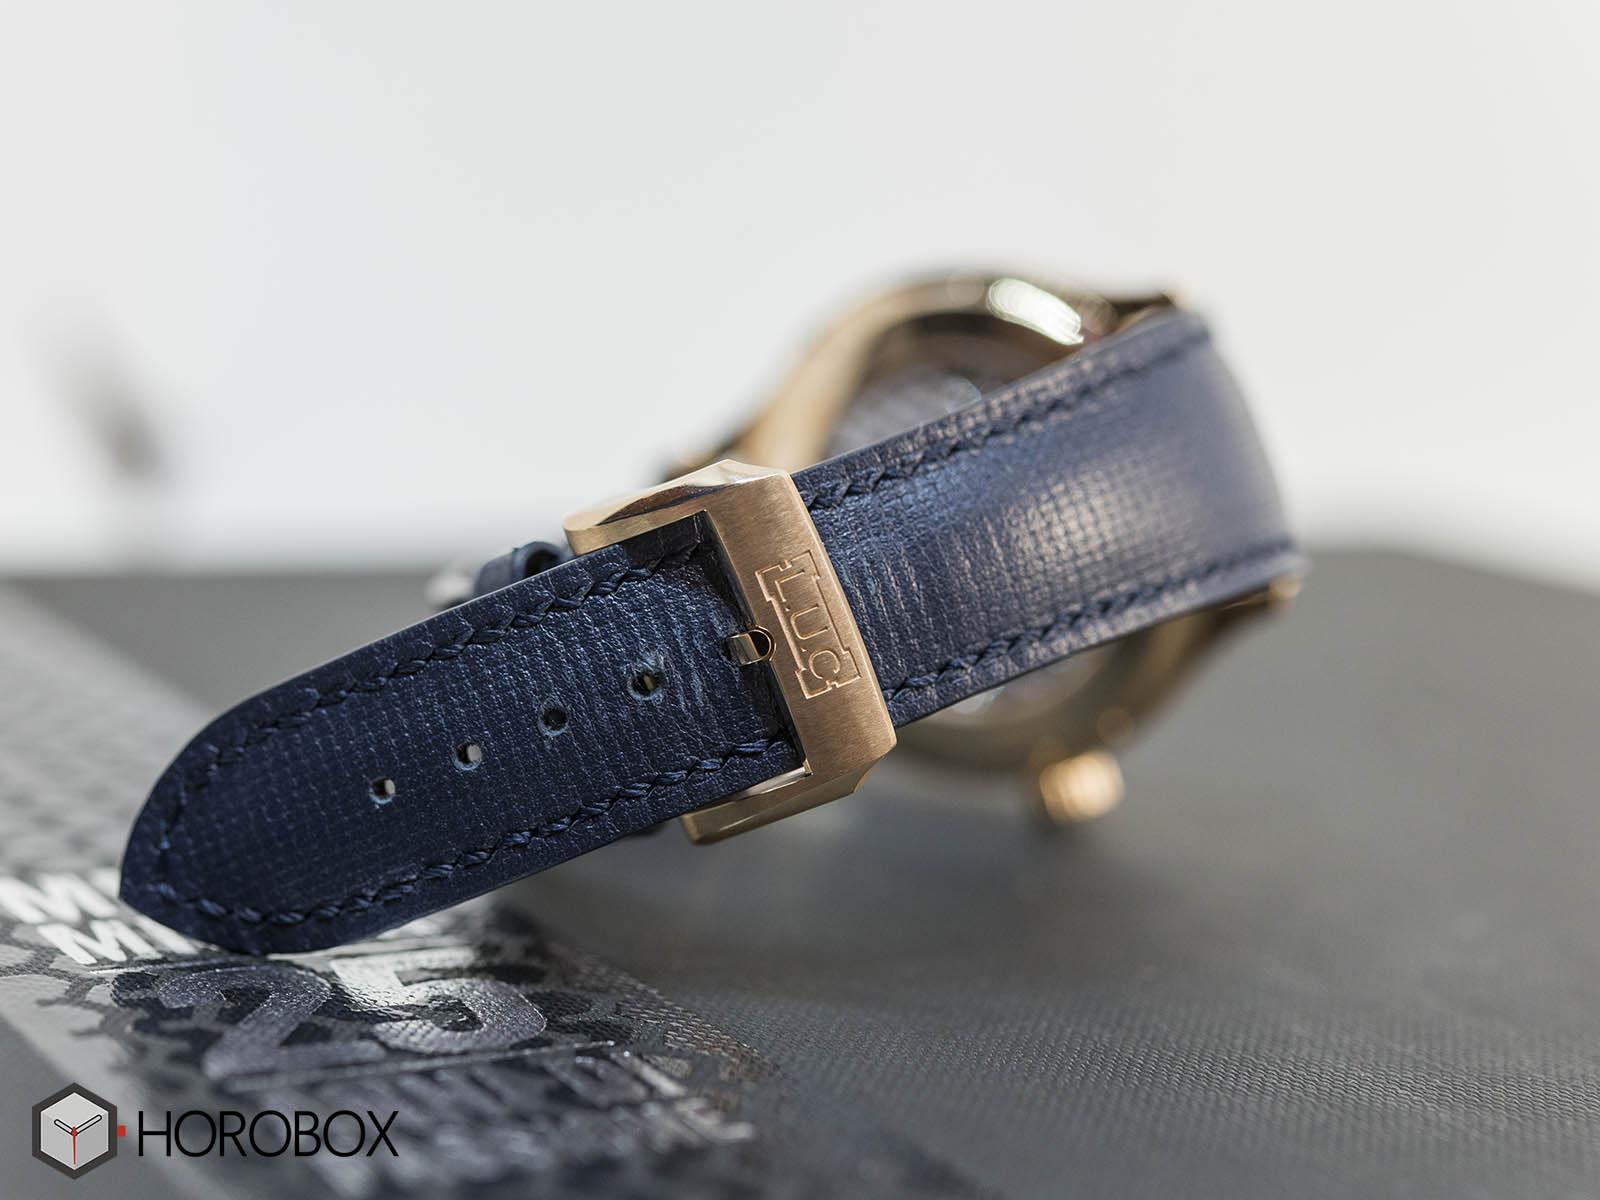 161926-5004-chopard-l-u-c-quattro-limited-edition-7.jpg